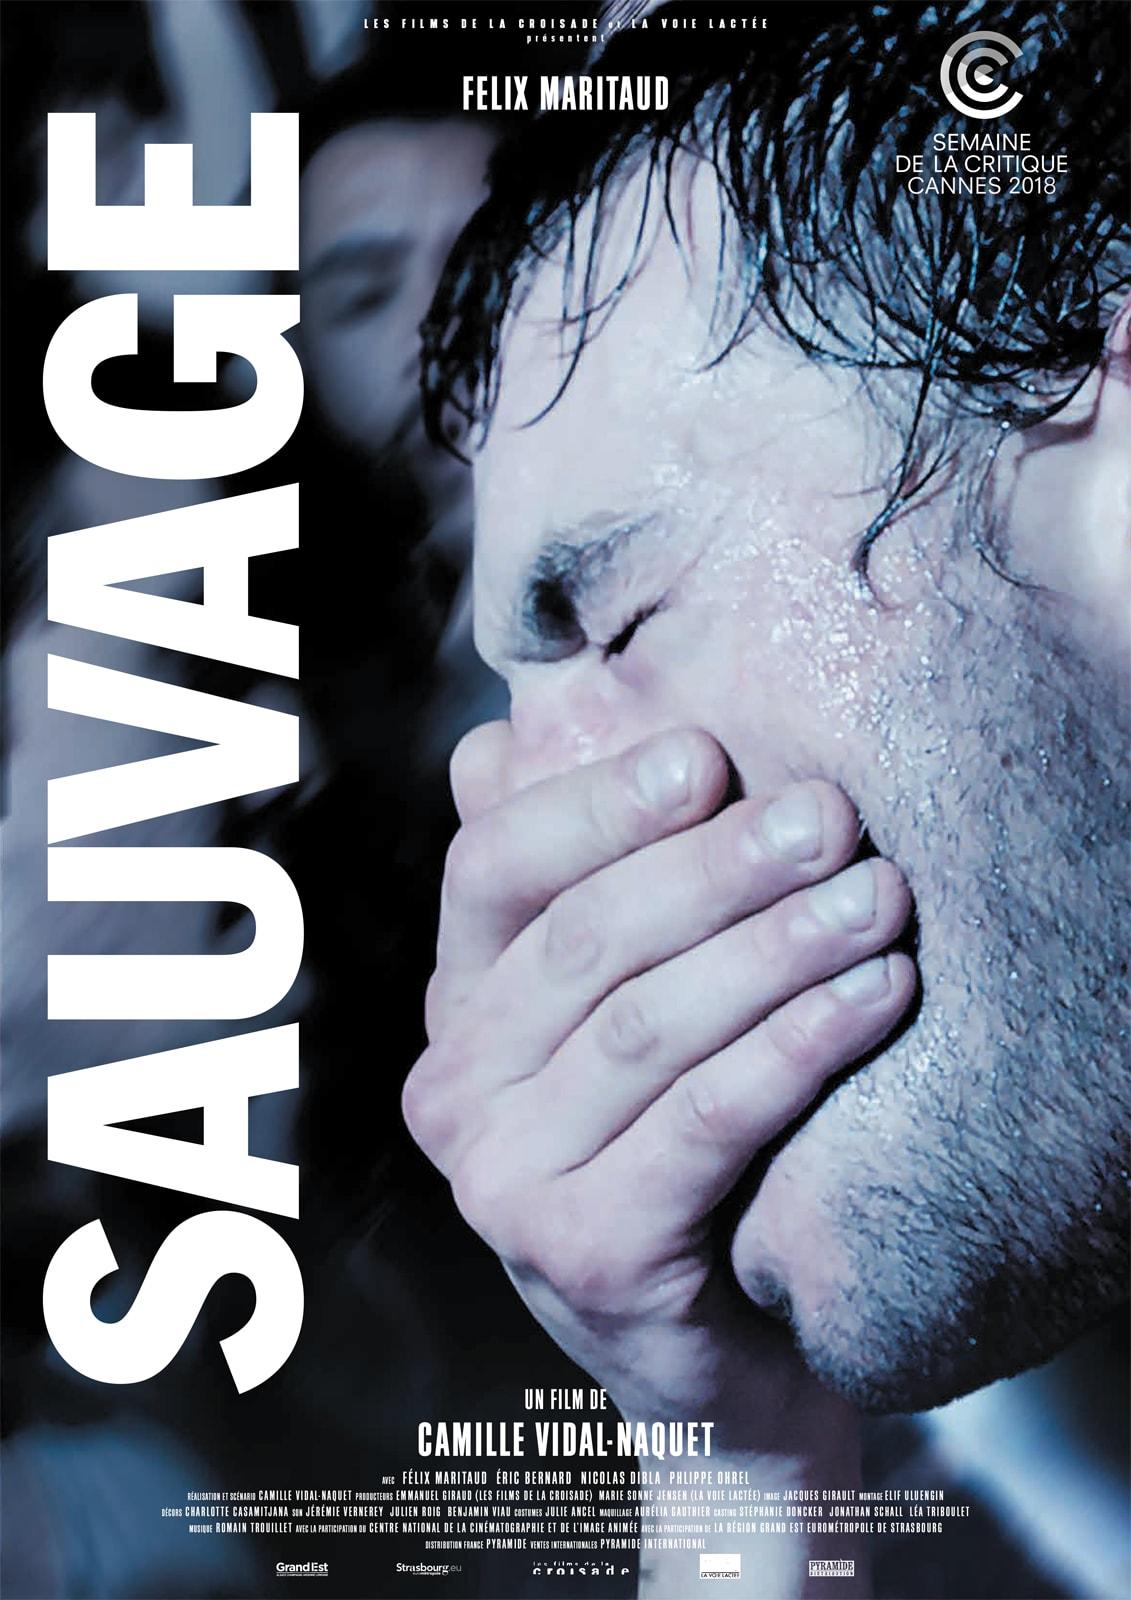 Sauvage affiche film critique avis camille vidal-naquet